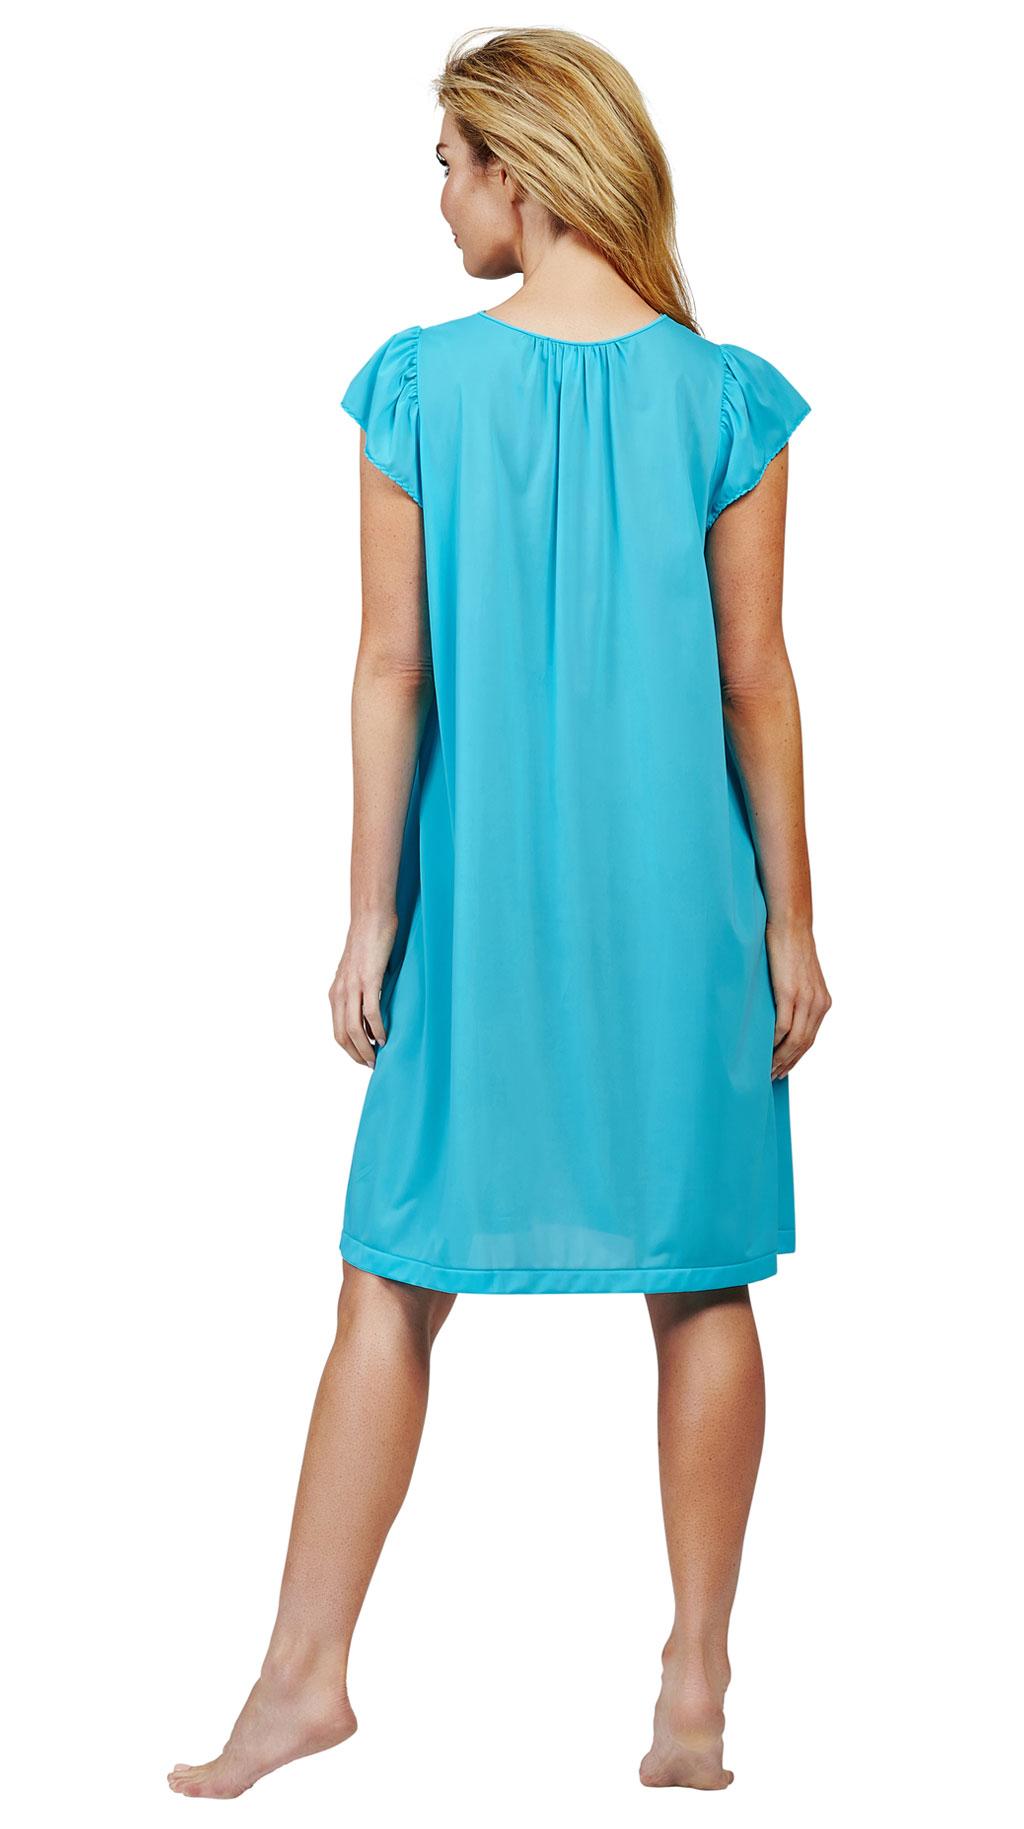 short cap women's night gowns